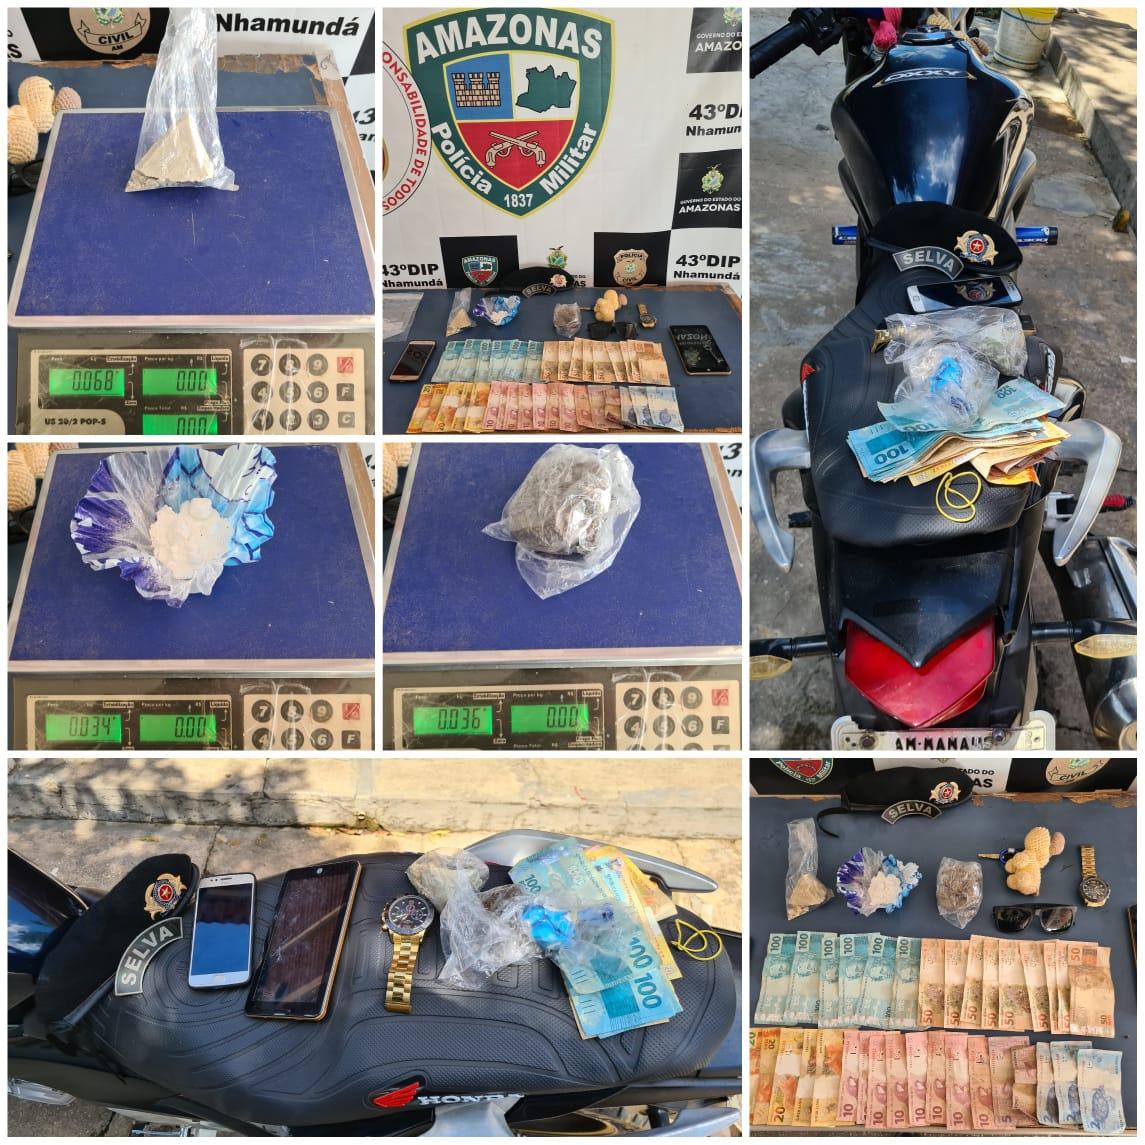 POLICIAIS do 2º GPM detêm suspeito de tráfico de drogas no município de Nhamundá